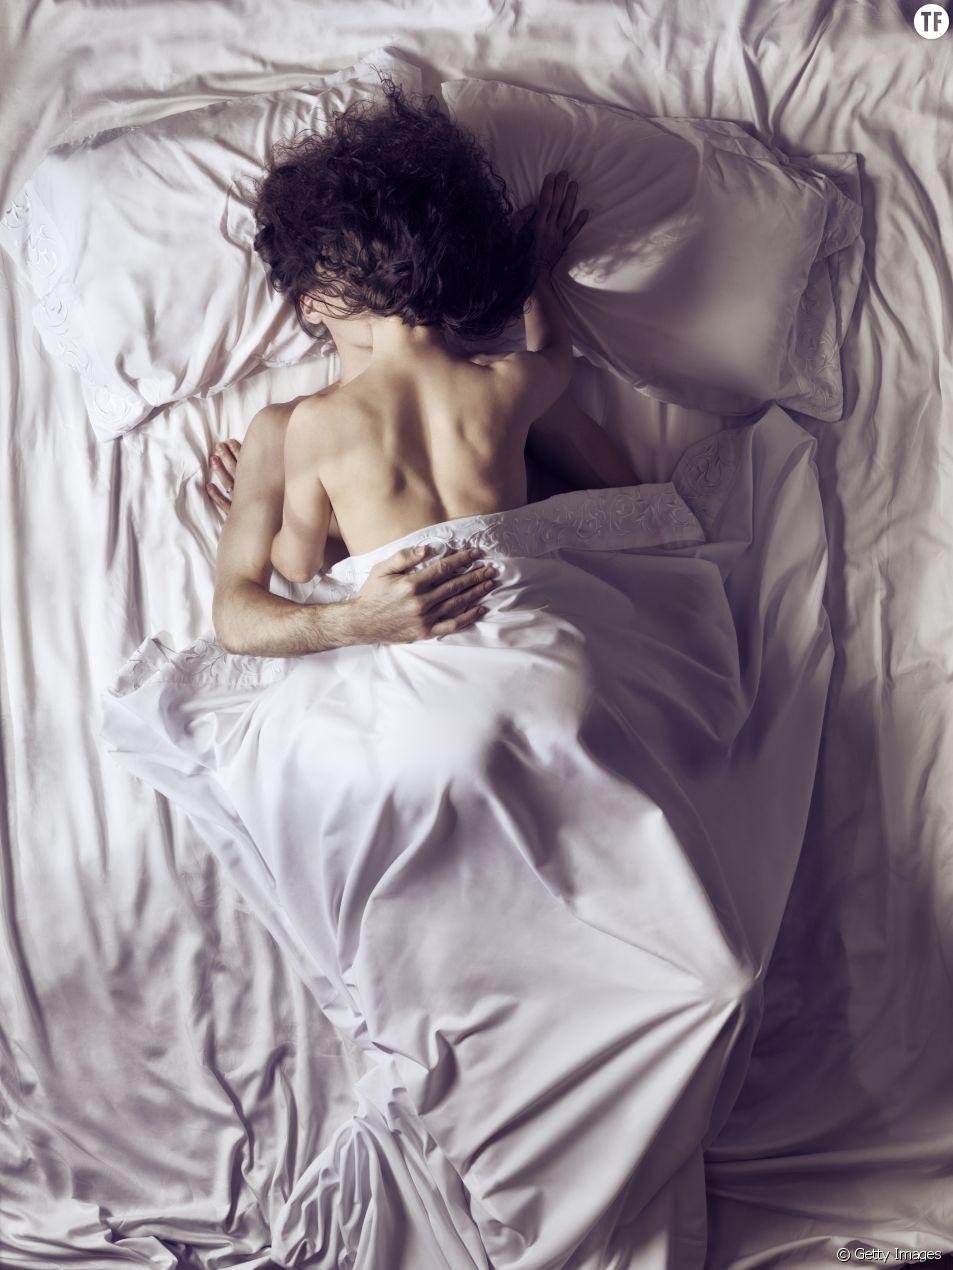 Comment Ne Plus Avoir Envie De Faire L Amour : comment, avoir, envie, faire, amour, Envie, D'uriner, Pendant, C'est, Normal, Terrafemina